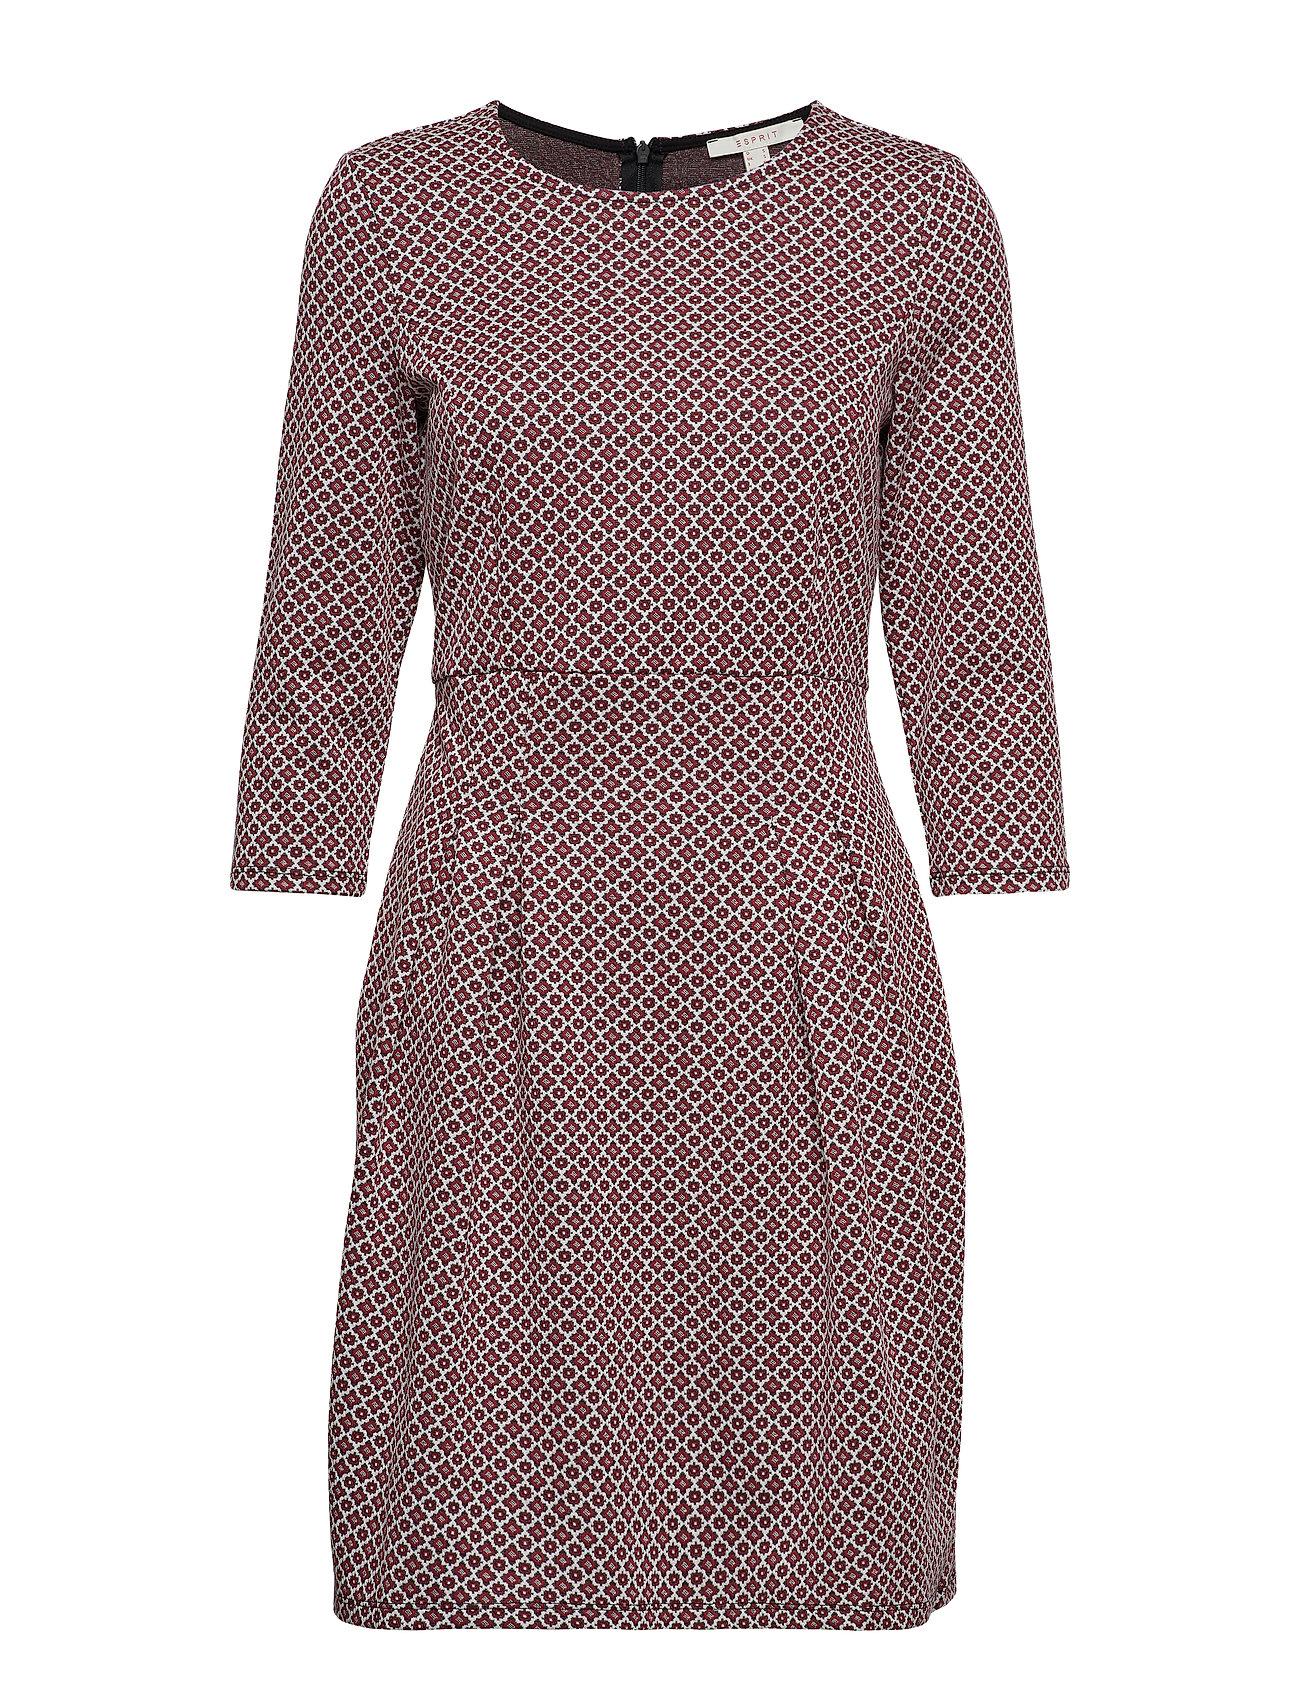 Knittedgarnet Casual RedEsprit Dresses Dresses Knittedgarnet htxBQrCsd